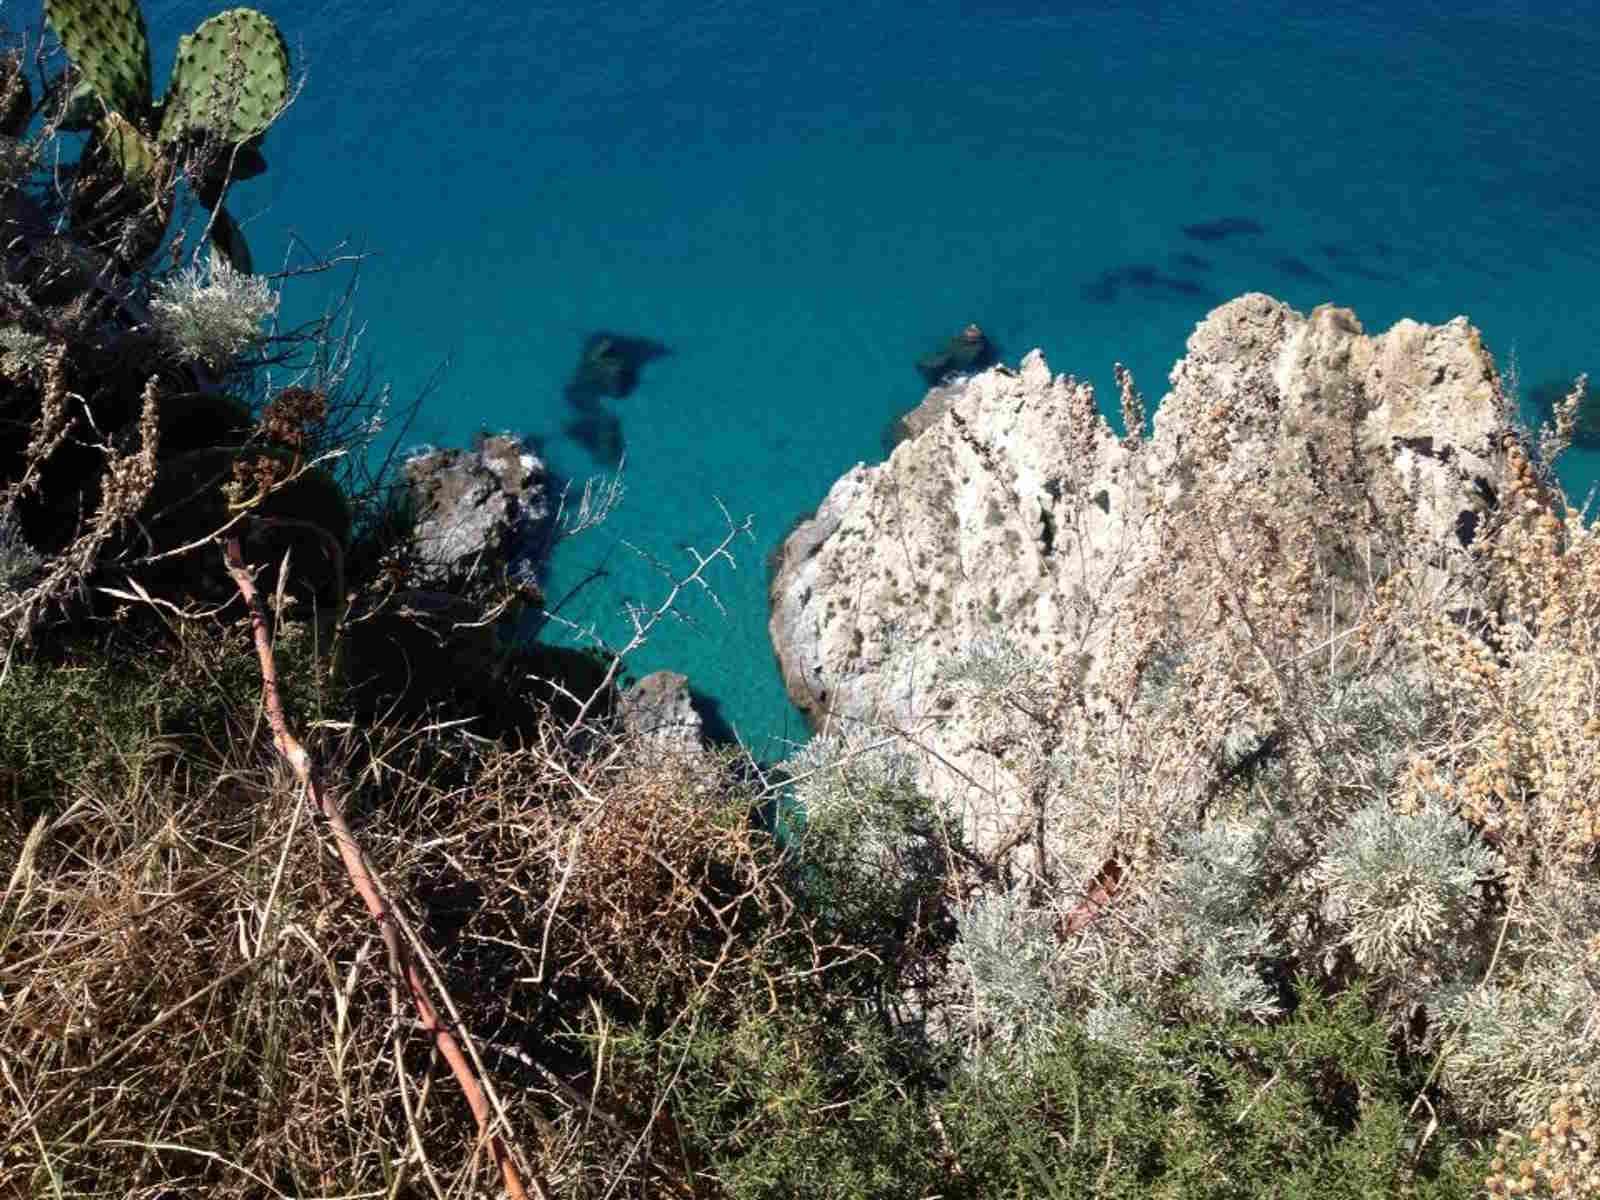 Costa degli dei Capo Vaticano e Acqua degli dei mediterranean Essence